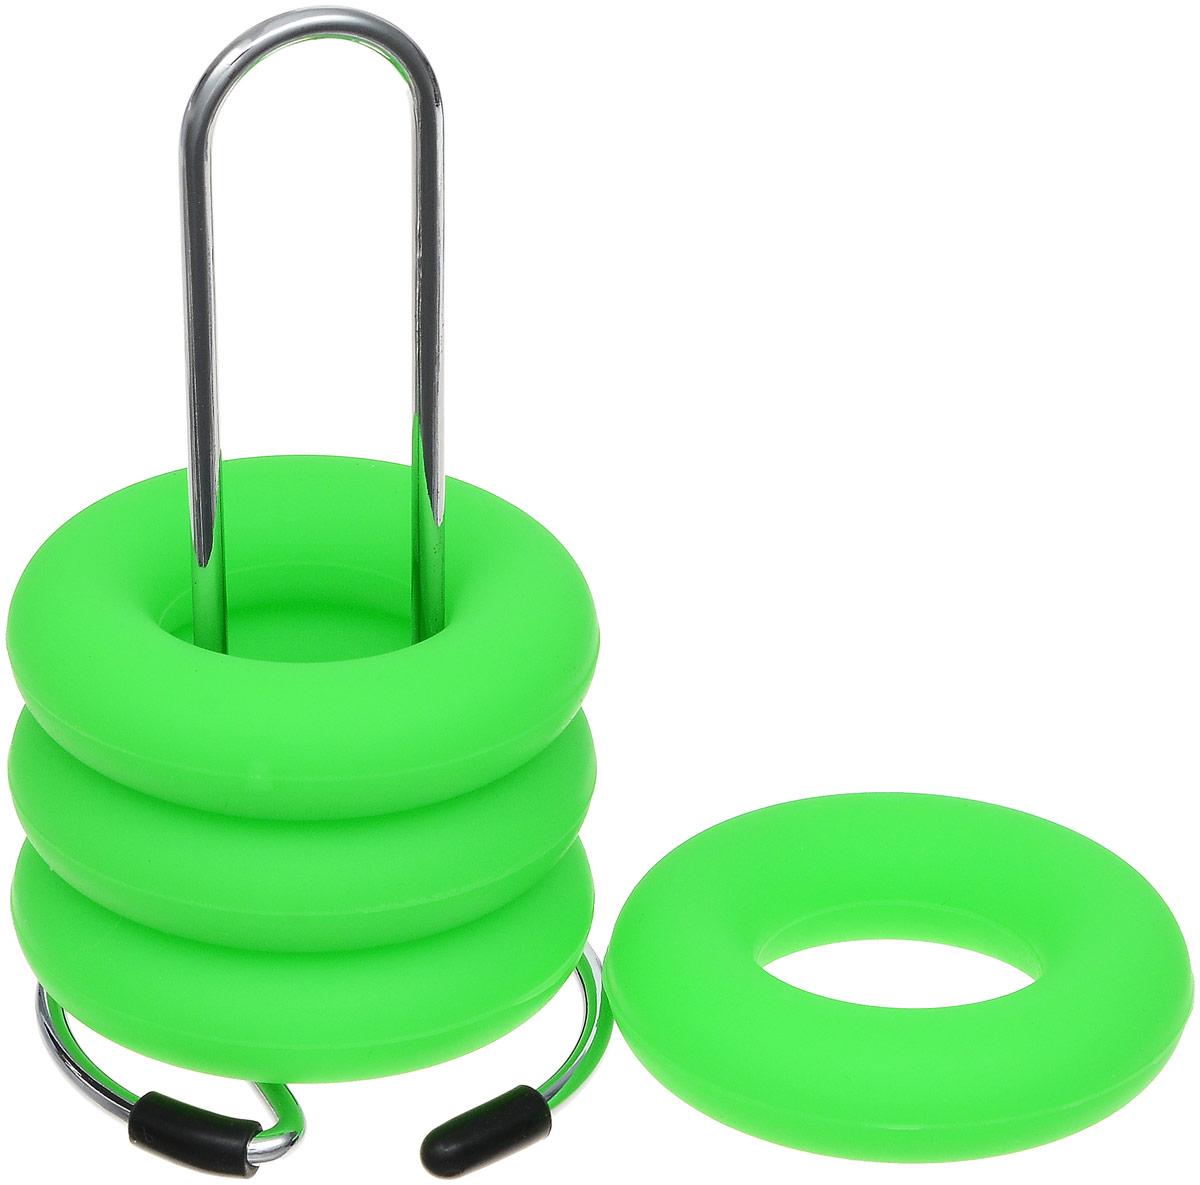 Подставка под яйца Zeller, 4 кольца, цвет: салатовый27226_зеленыйПодставка под яйца Zeller представляет собой металлическую стойку и 4 силиконовых кольца. Такие кольца очень удобны для яиц, так как надежно их удерживают. Стойка предназначена для хранения колец. Она снабжена прорезиненным основанием для устойчивости. Такой набор станет полезным и практичным приобретением для вашей кухни и сделает сервировку стола к завтраку красивой и оригинальной. Диаметр кольца: 5,5 см. Размер стойки: 5 х 6 х 10 см.